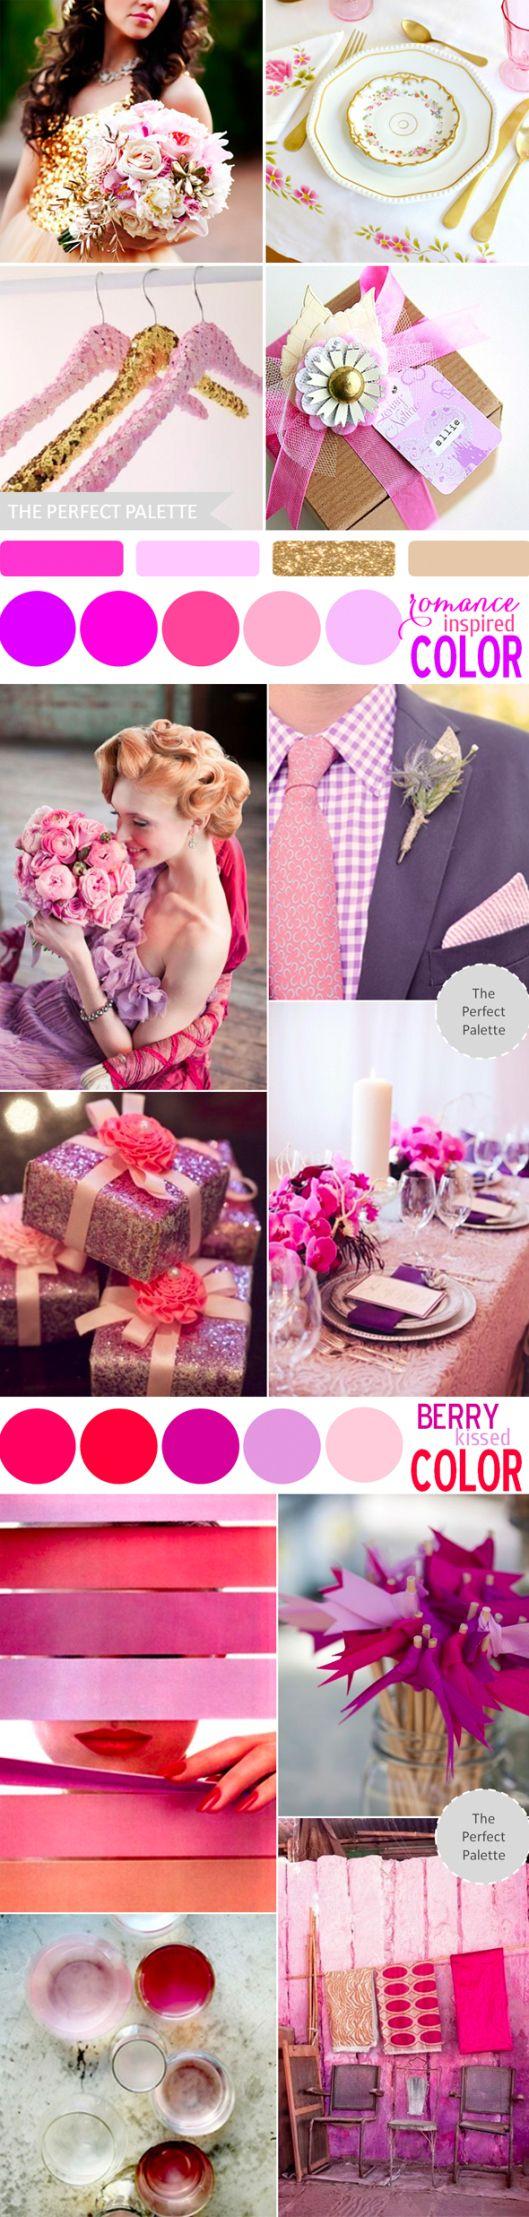 13 best Wedding colors images on Pinterest | Color palettes, Dream ...